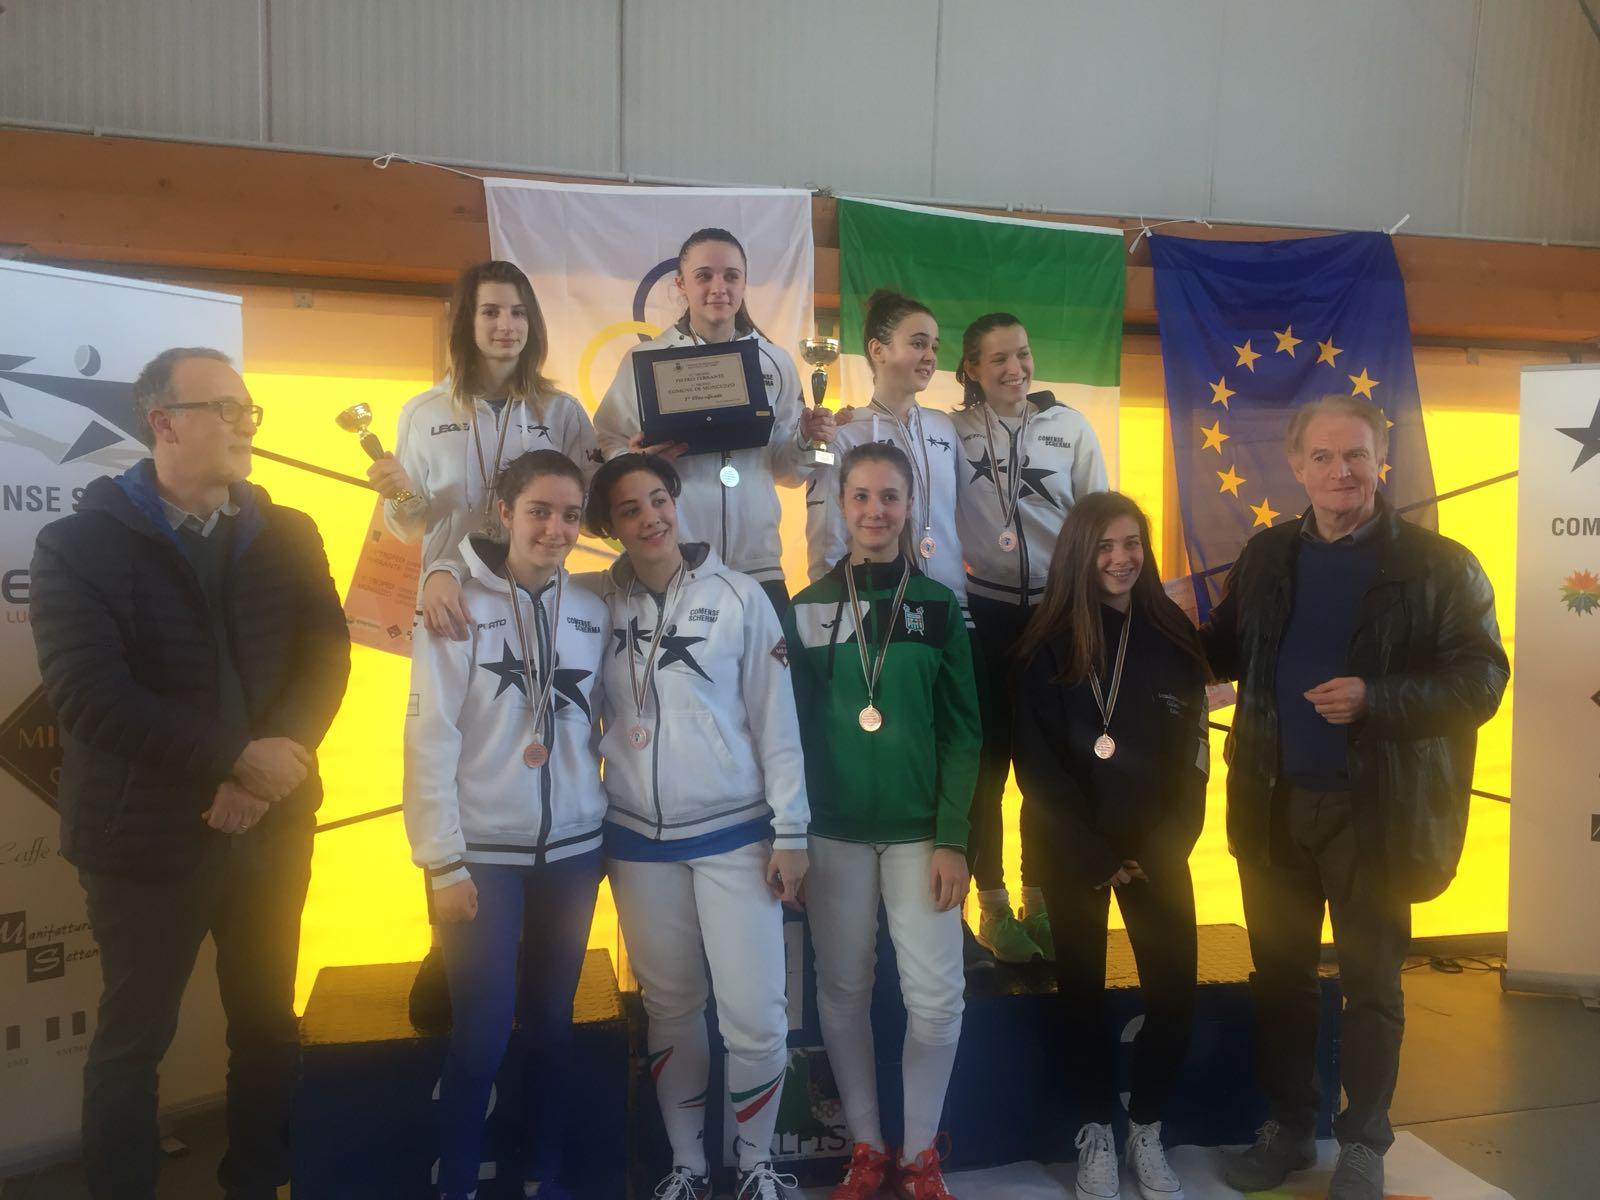 Trofeo Ferrante 2018 - Monguzzo